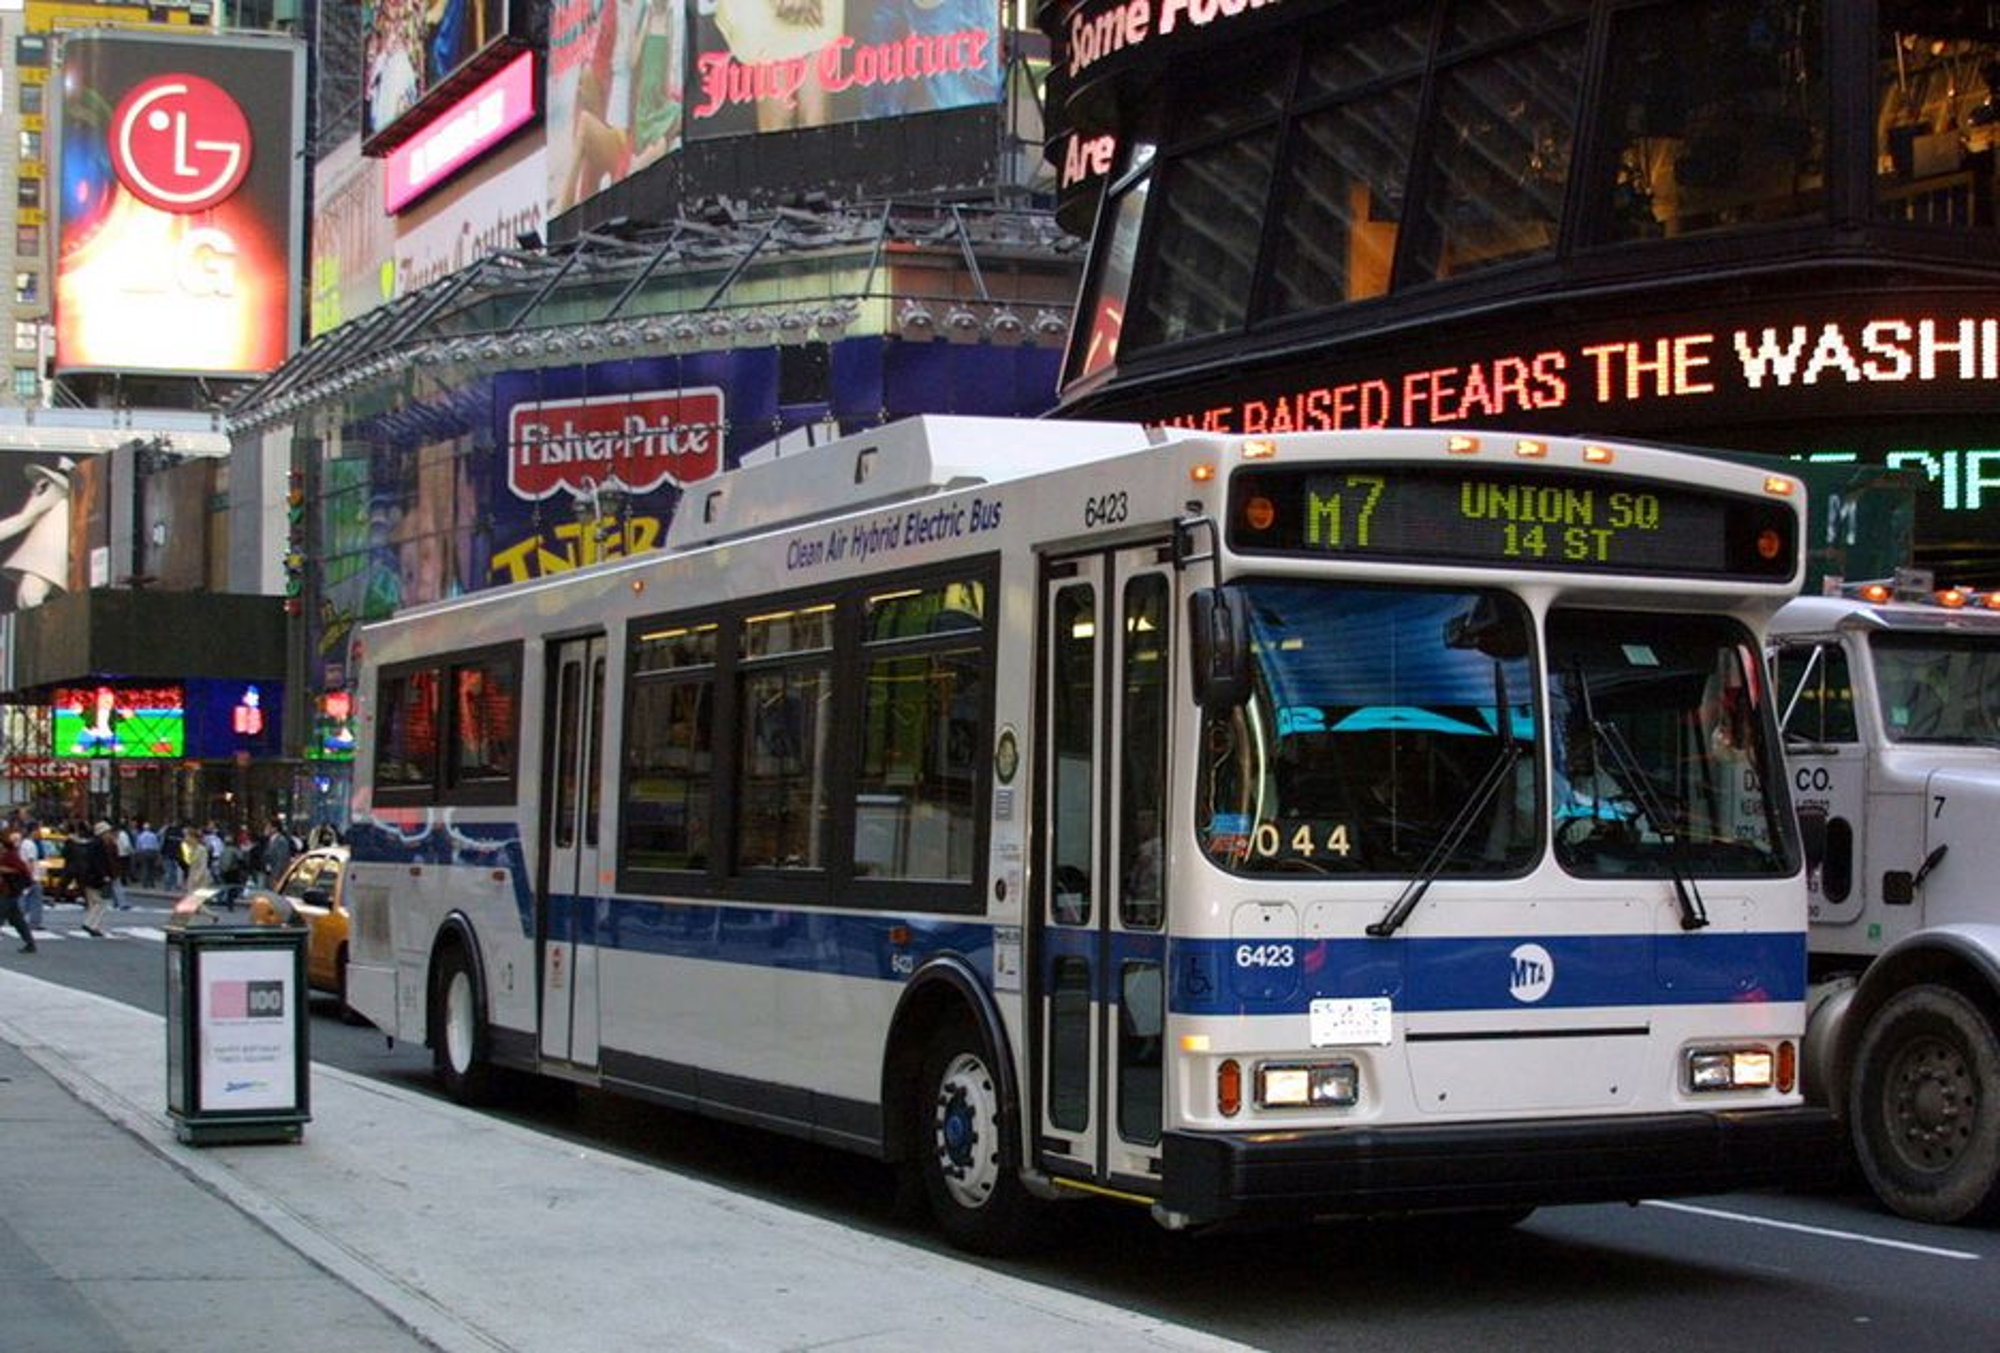 REN OG TAUS: Bybusser type Orion 7 med dieselelektrisk hybriddrift blir etter hvert et vanlig syn i Londons bybilde. Nesten halvert forbruk og utslipp er hovedfordelen, ved siden av at de nye bussene nærmest er lydløse.